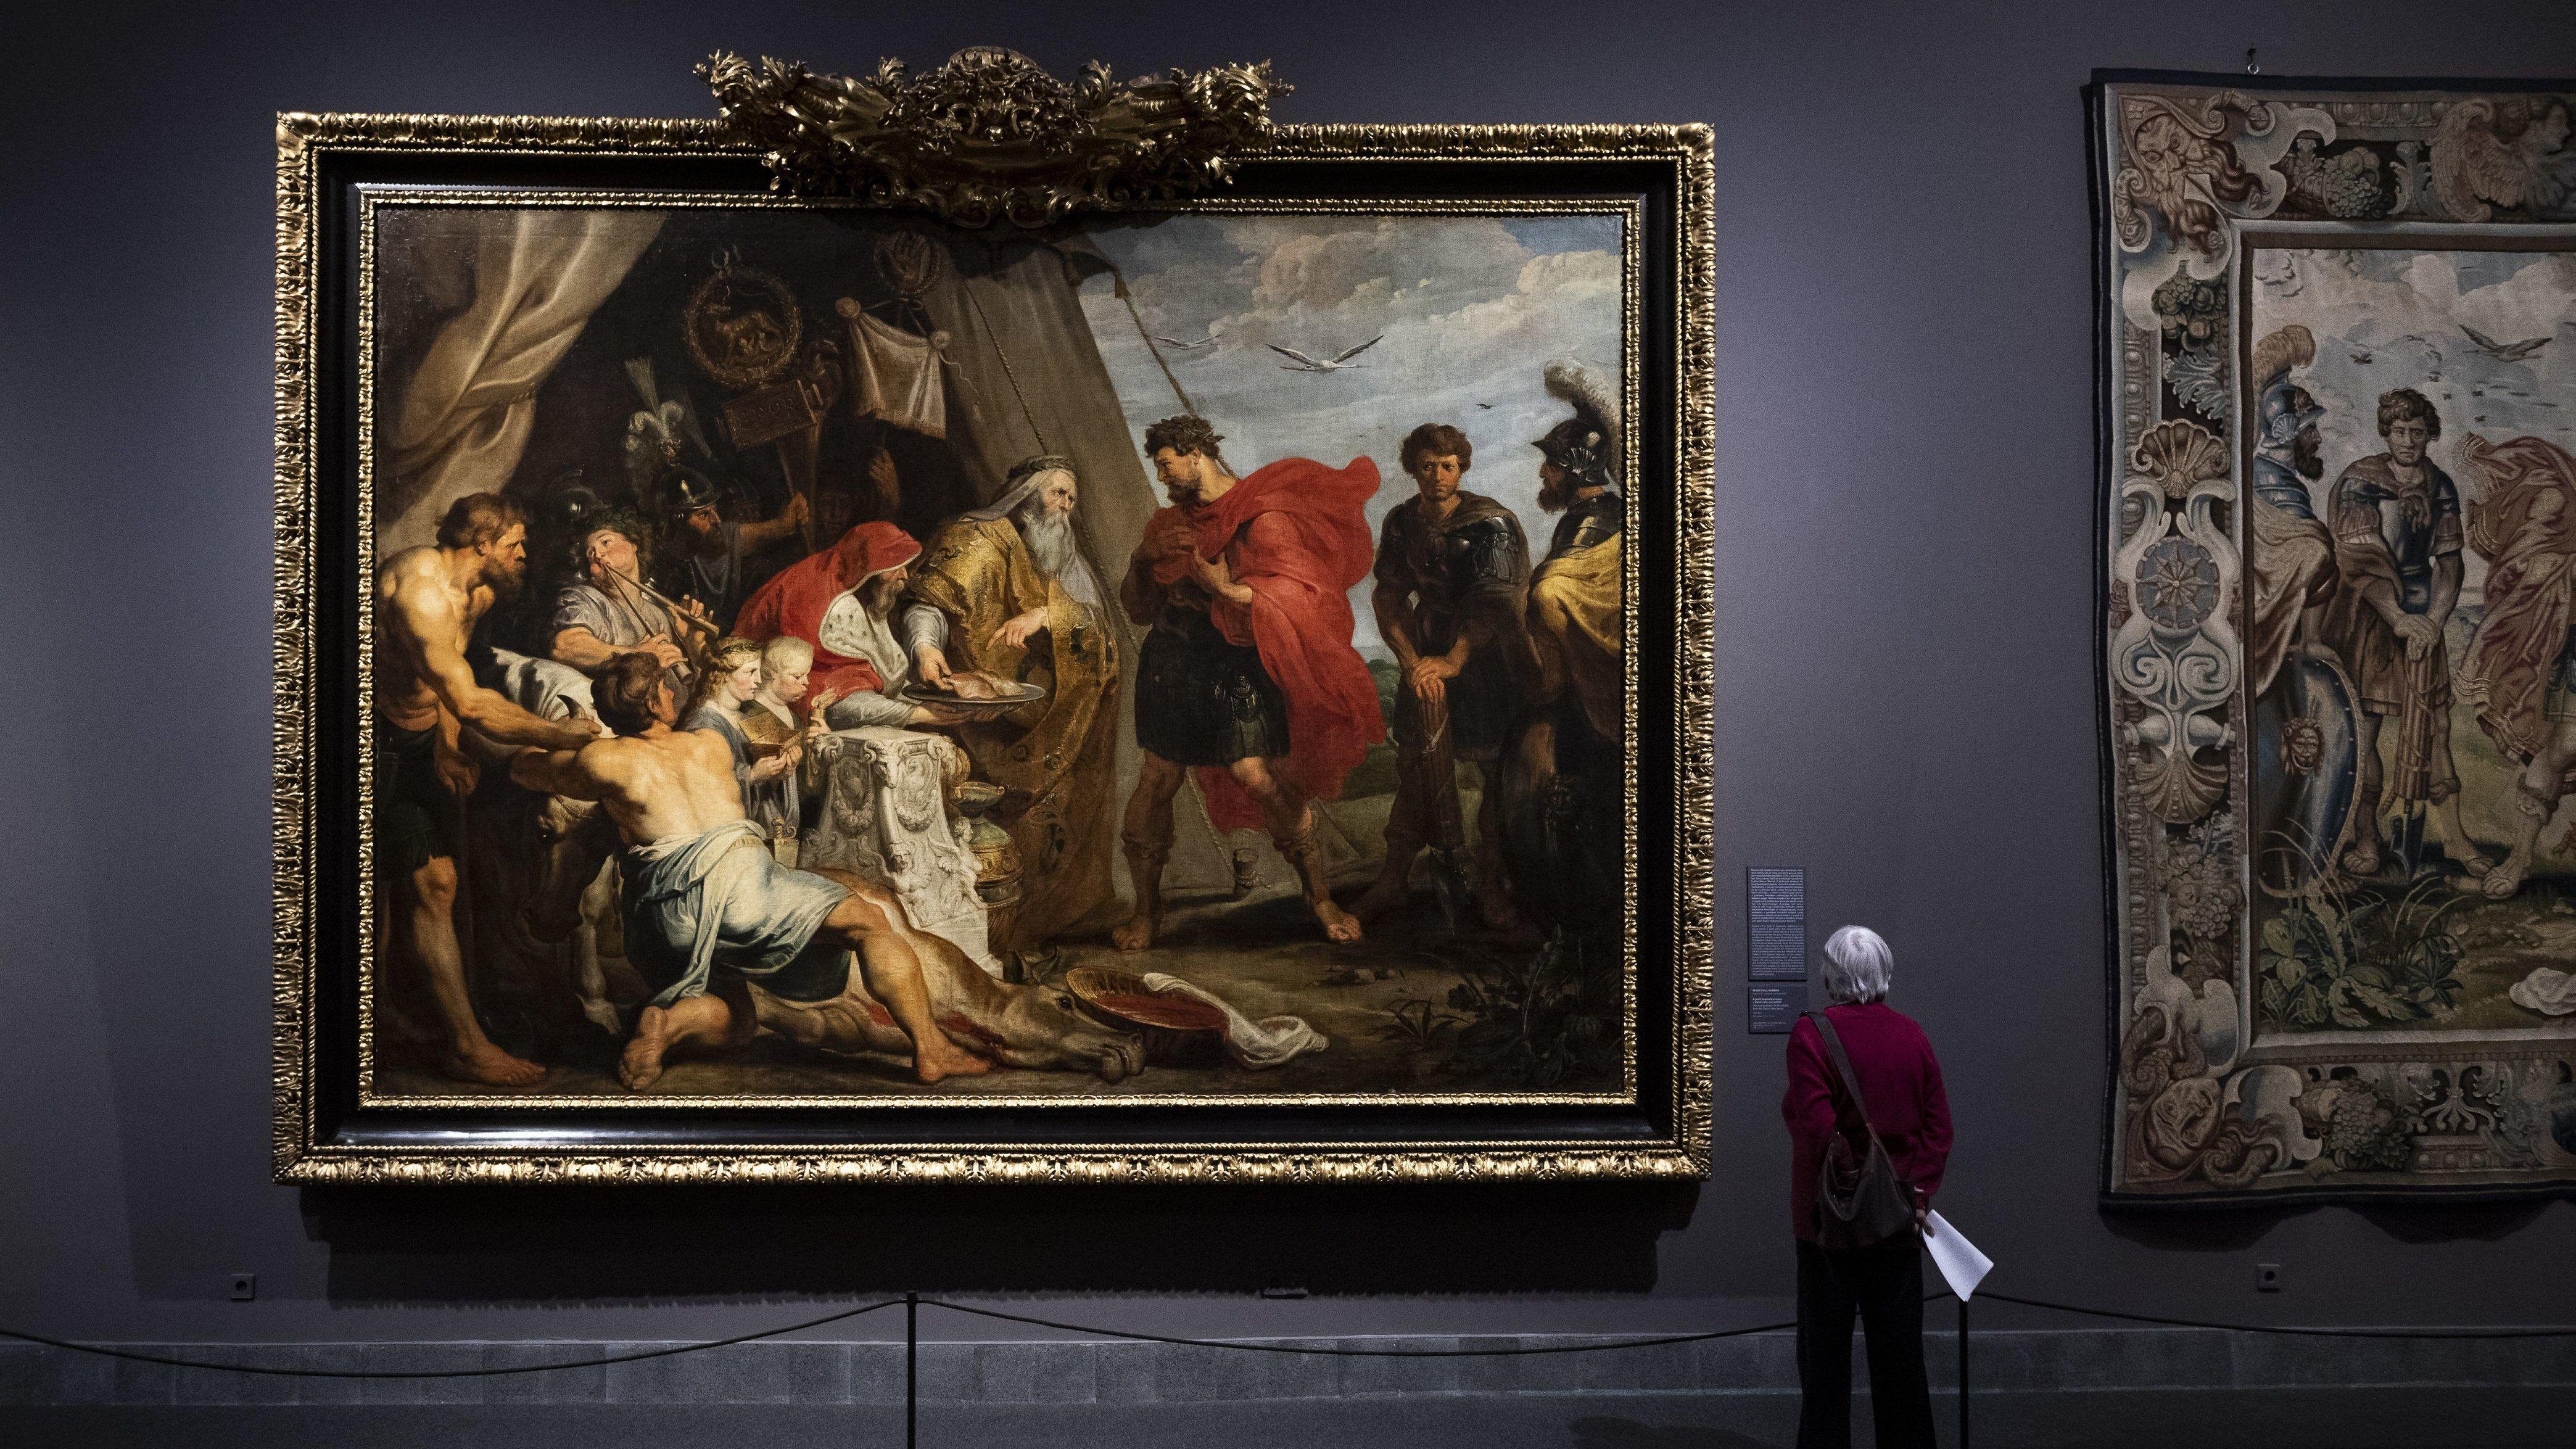 Szerdától mindenki megnézheti Rubens és Van Dyck festményeit a Szépművészetiben